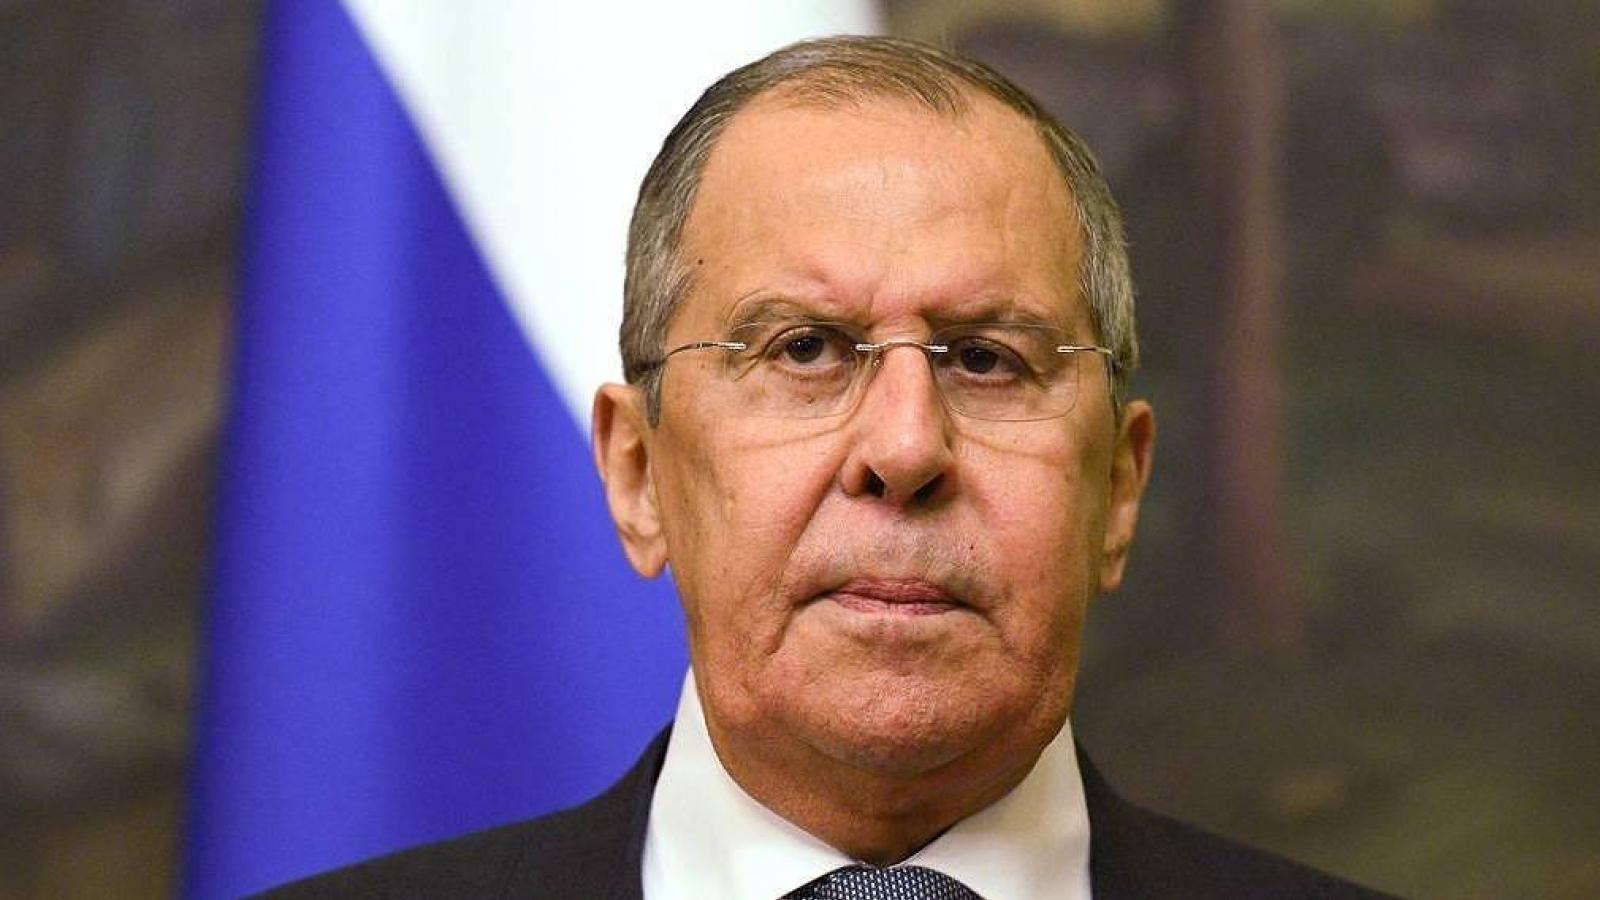 Ngoại trưởng Lavrov: Nga sẽ đáp trả mạnh mẽ những bước đi không thân thiện của Mỹ